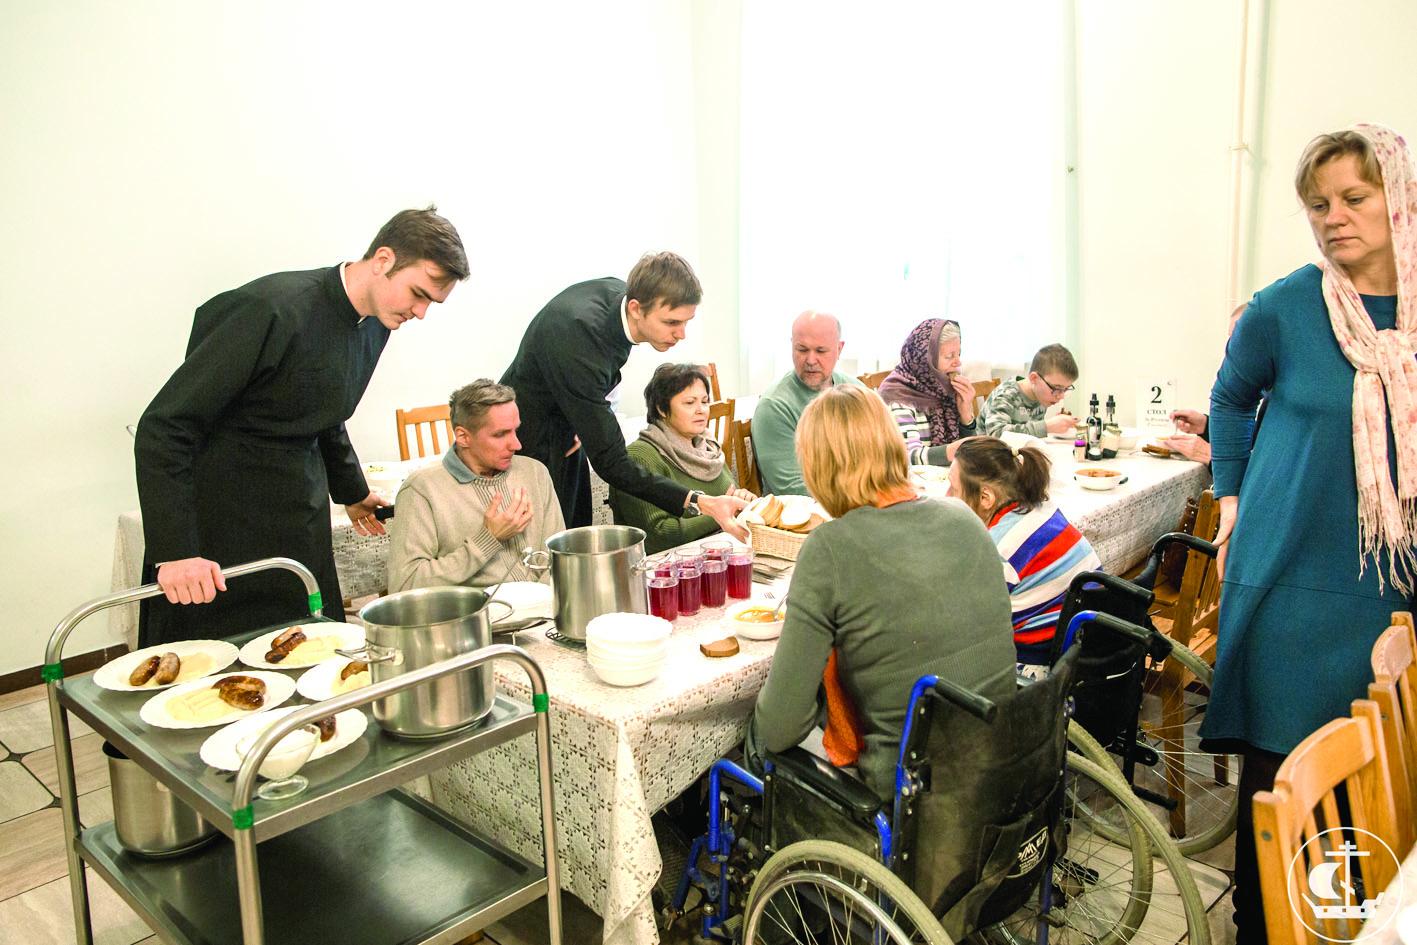 Инвалиды-колясочники из братства Пресвятой Богородицы после воскресного богослужения